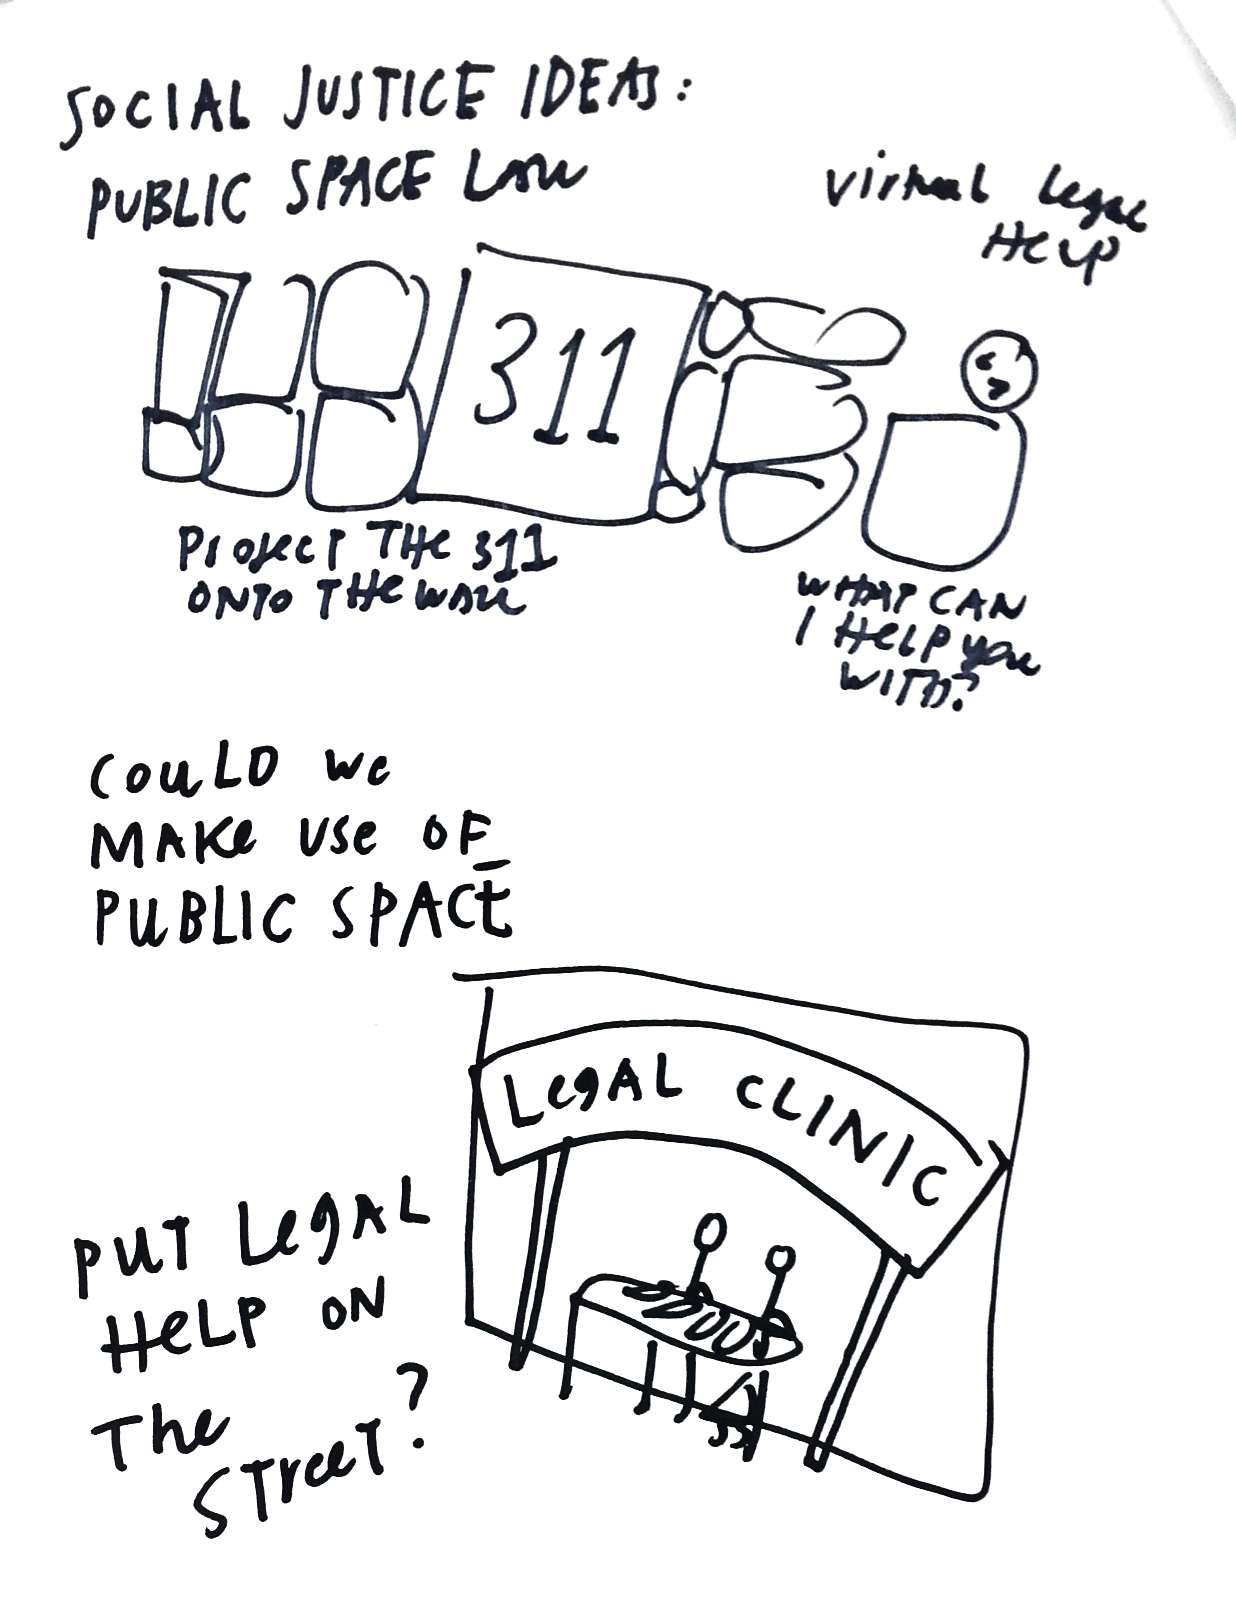 Public Space Law